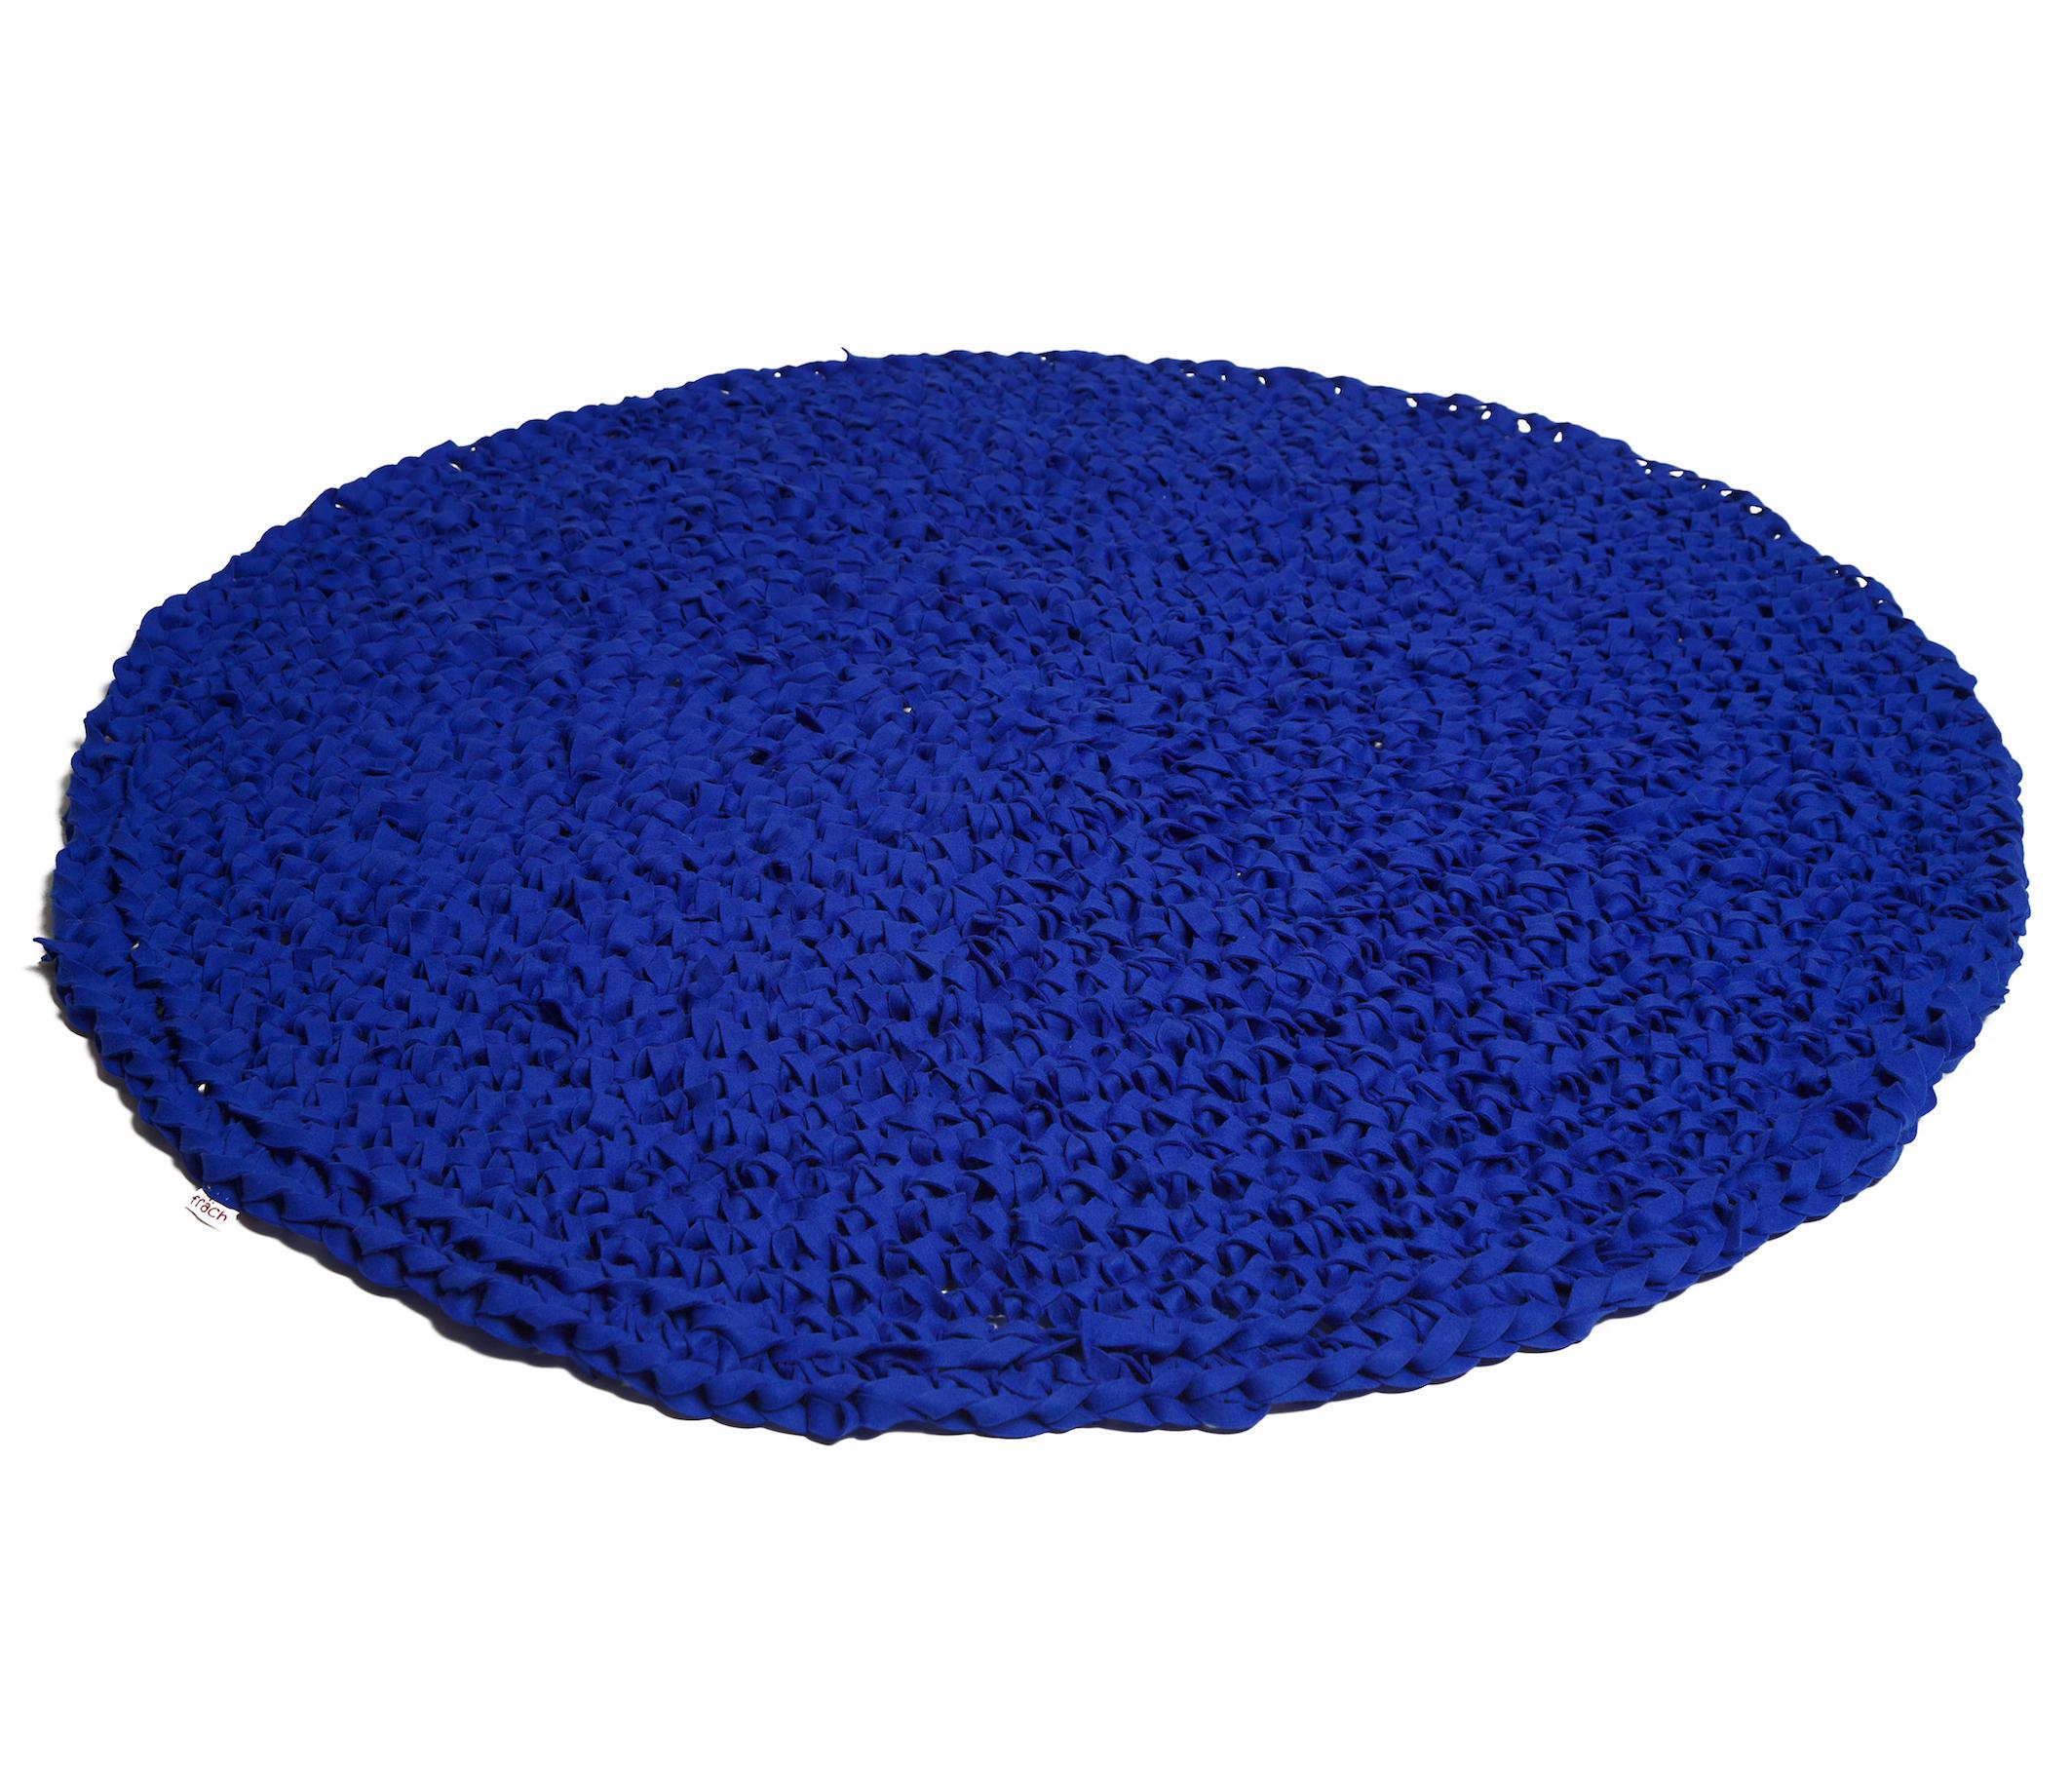 blaue wolke formatteppiche designerteppiche von fr ch. Black Bedroom Furniture Sets. Home Design Ideas